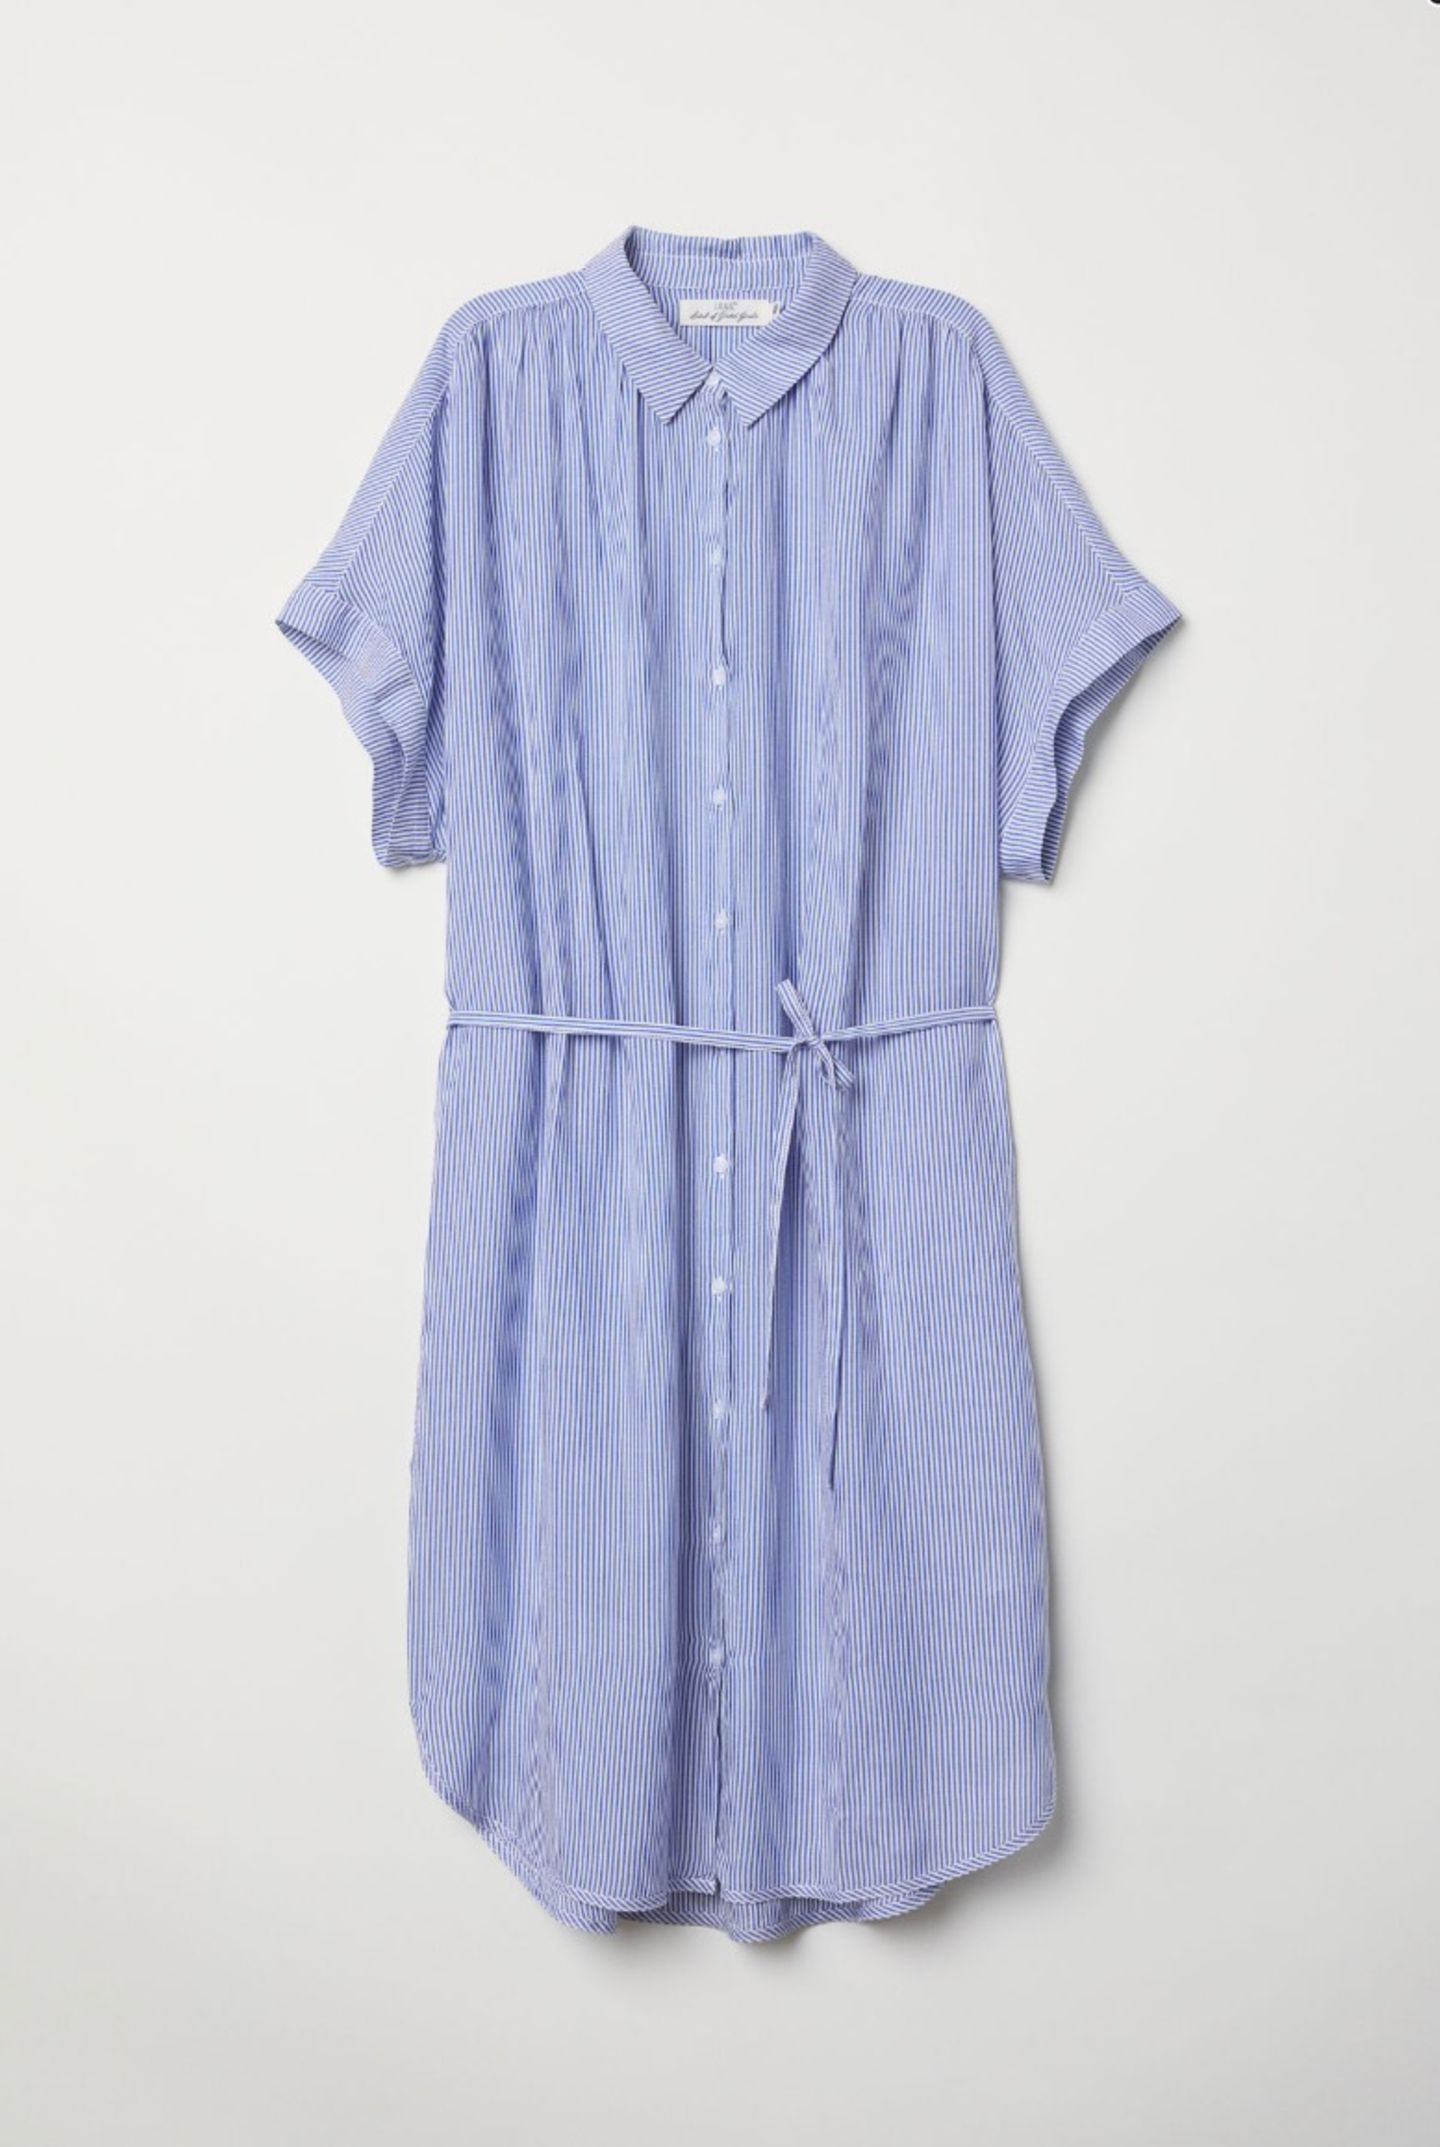 Luftig und schick fürs Büro: Mittellanges Hemdblusenkleid von H&M, um 30 Euro.